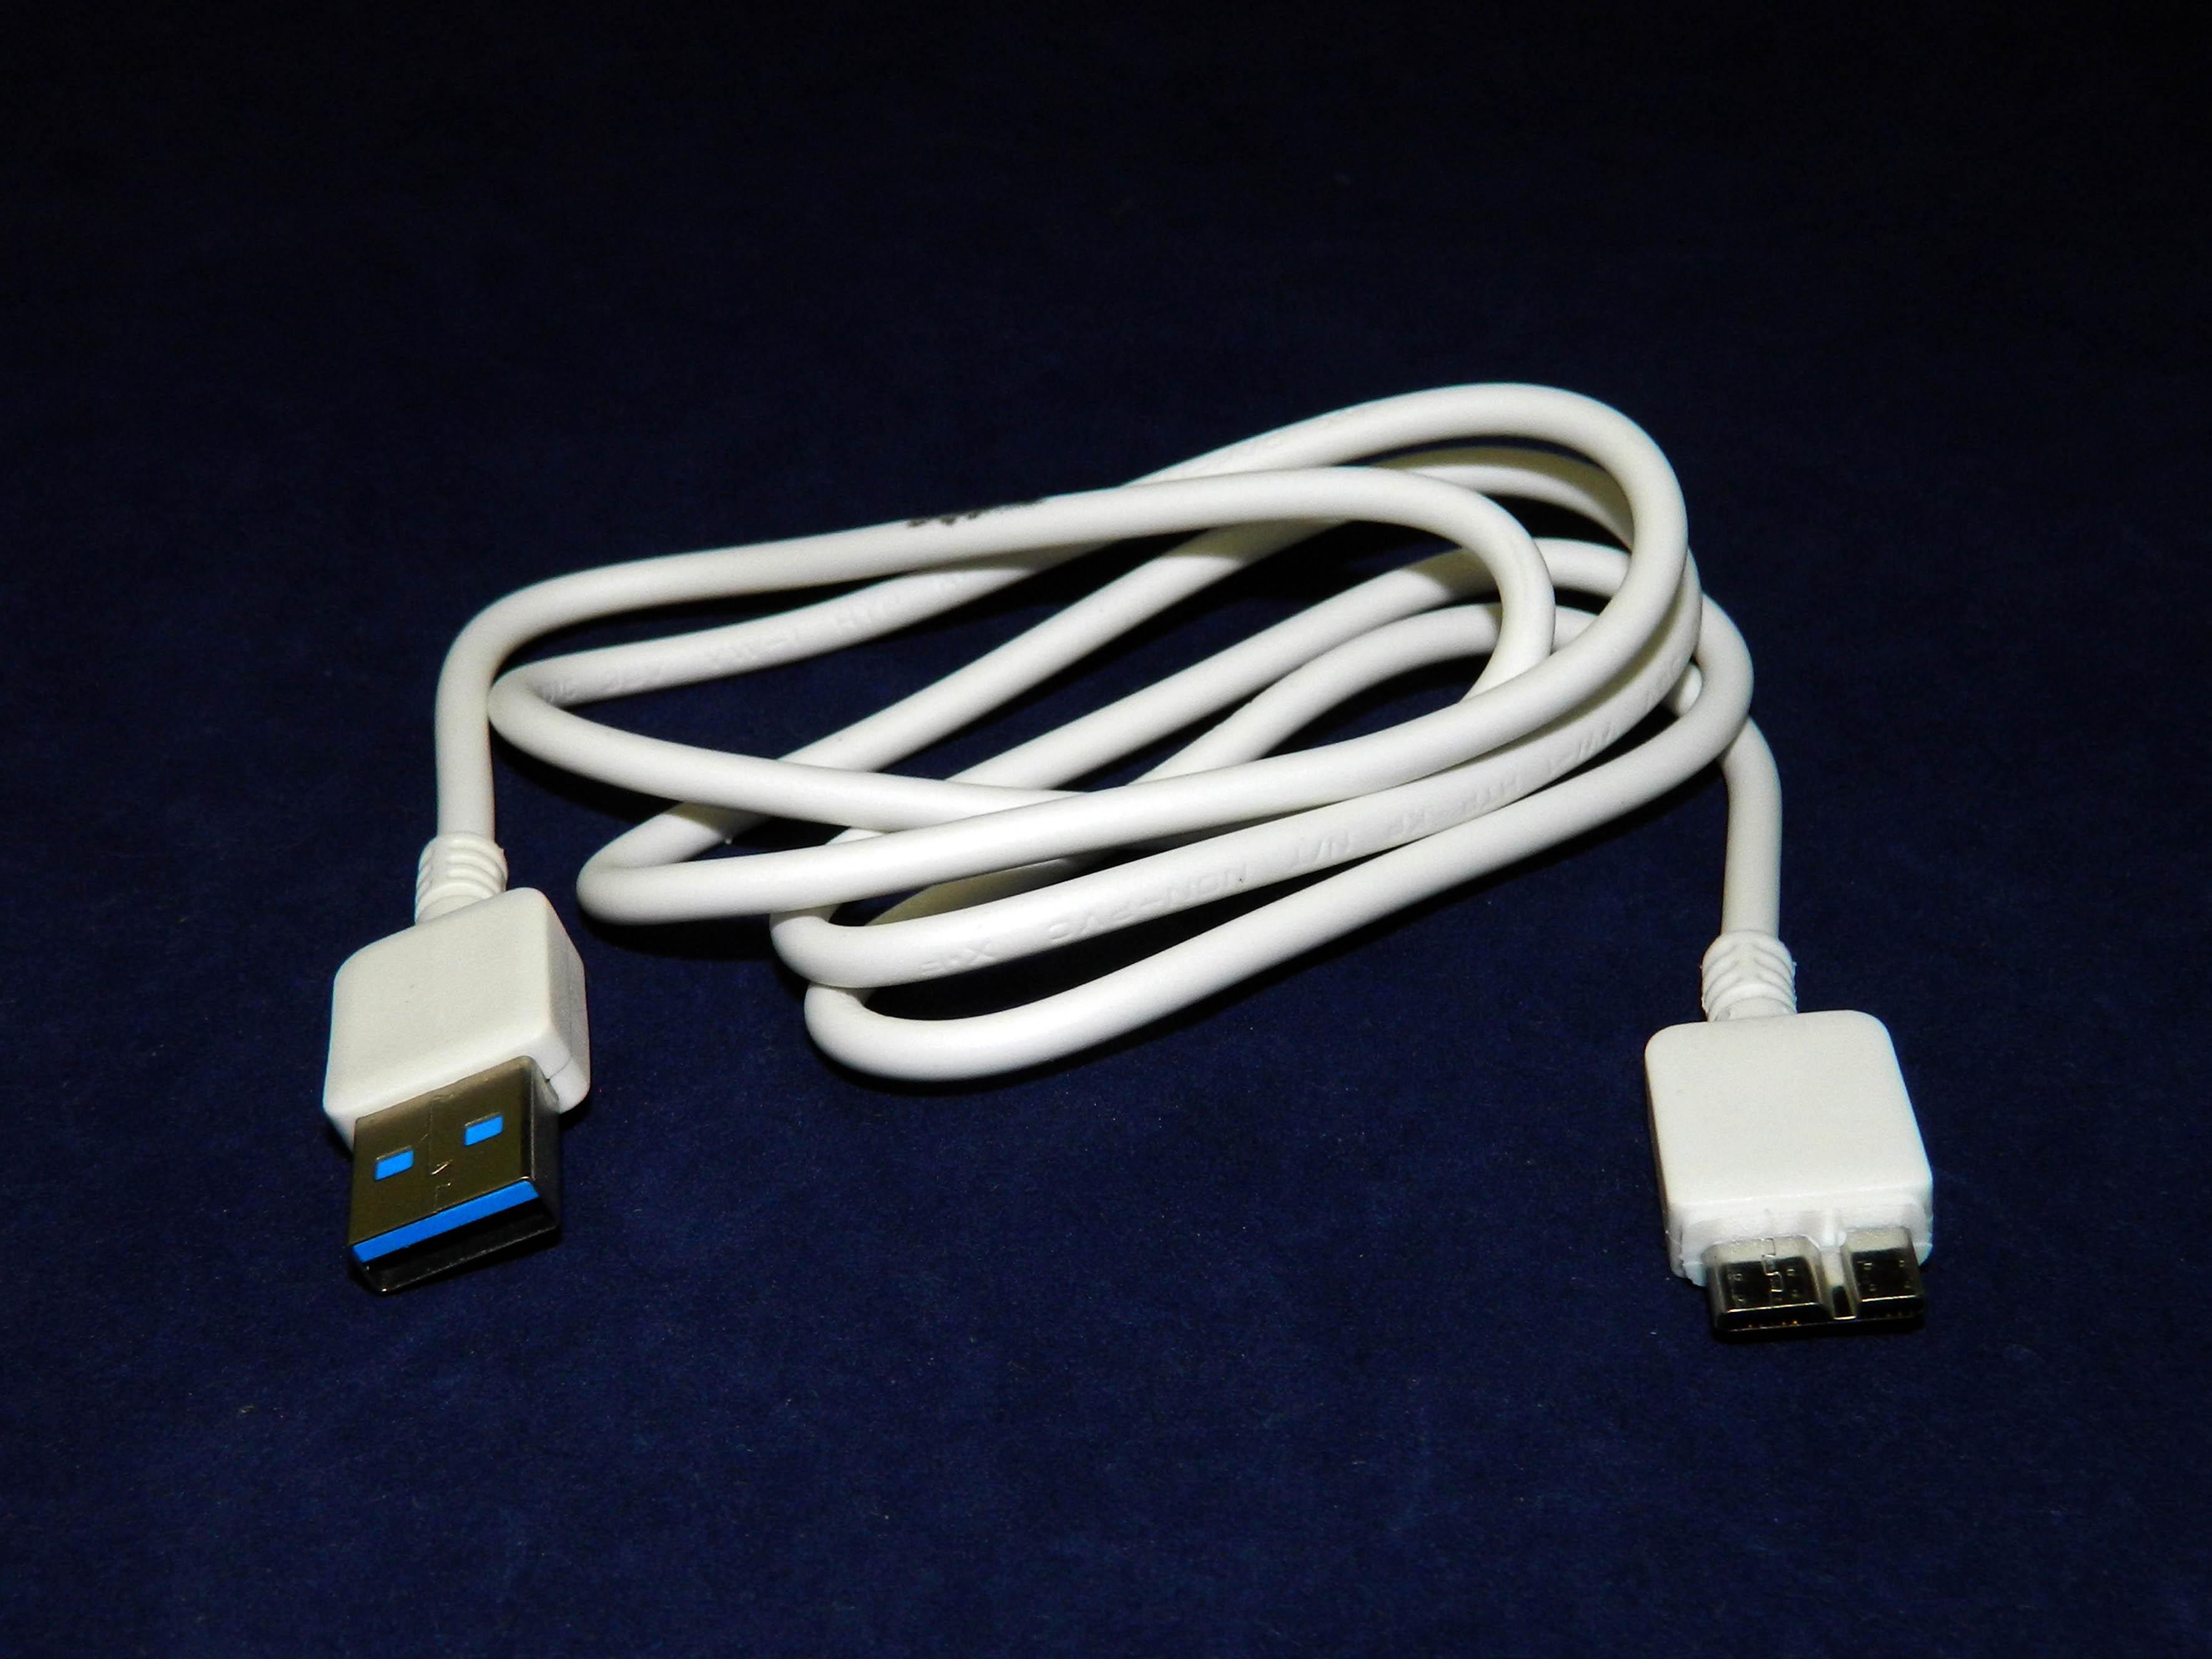 кабель юсб с разьемом для флешки телефон она отвечает